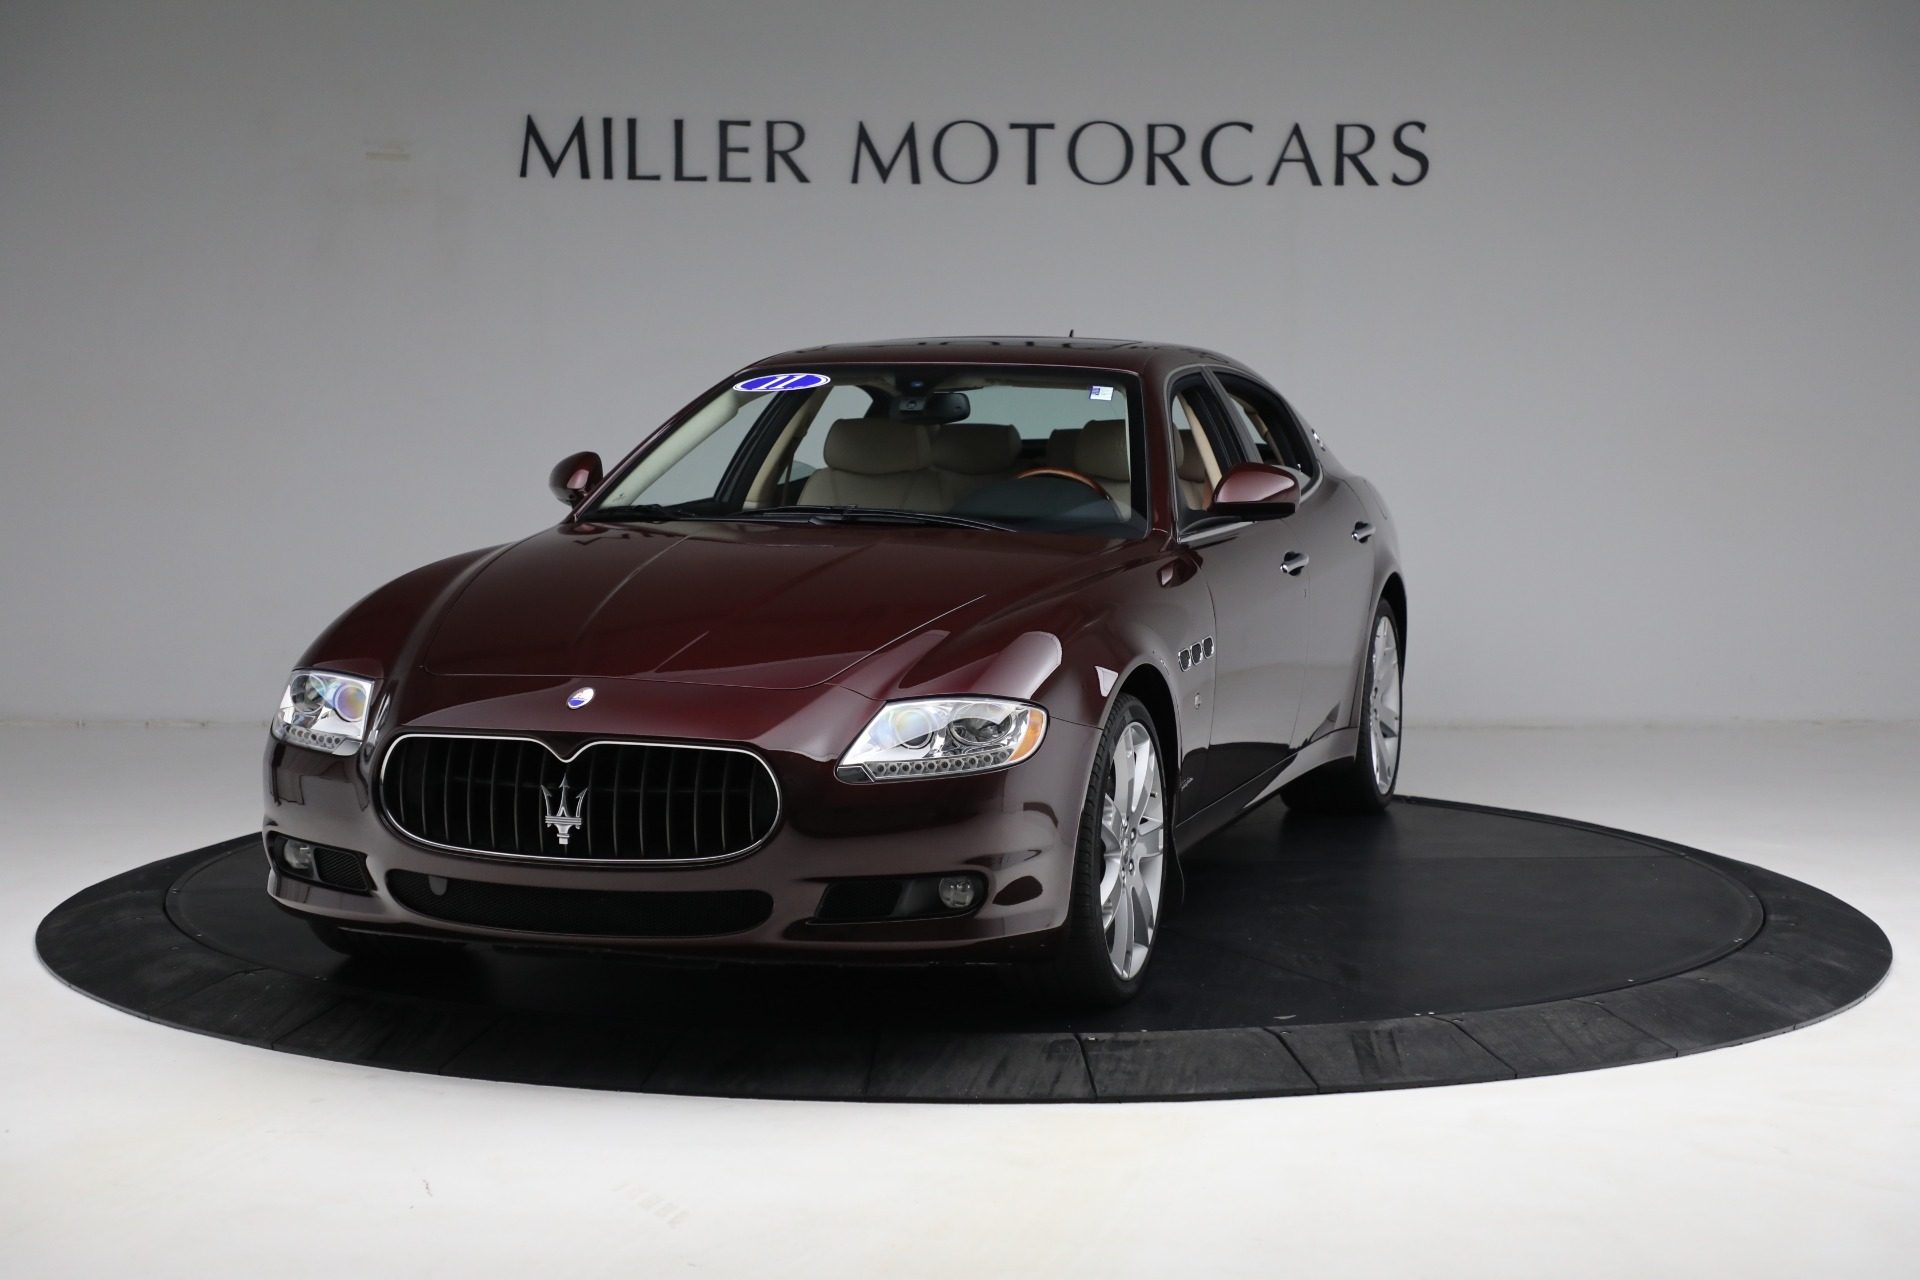 Used 2011 Maserati Quattroporte for sale $37,900 at Alfa Romeo of Greenwich in Greenwich CT 06830 1